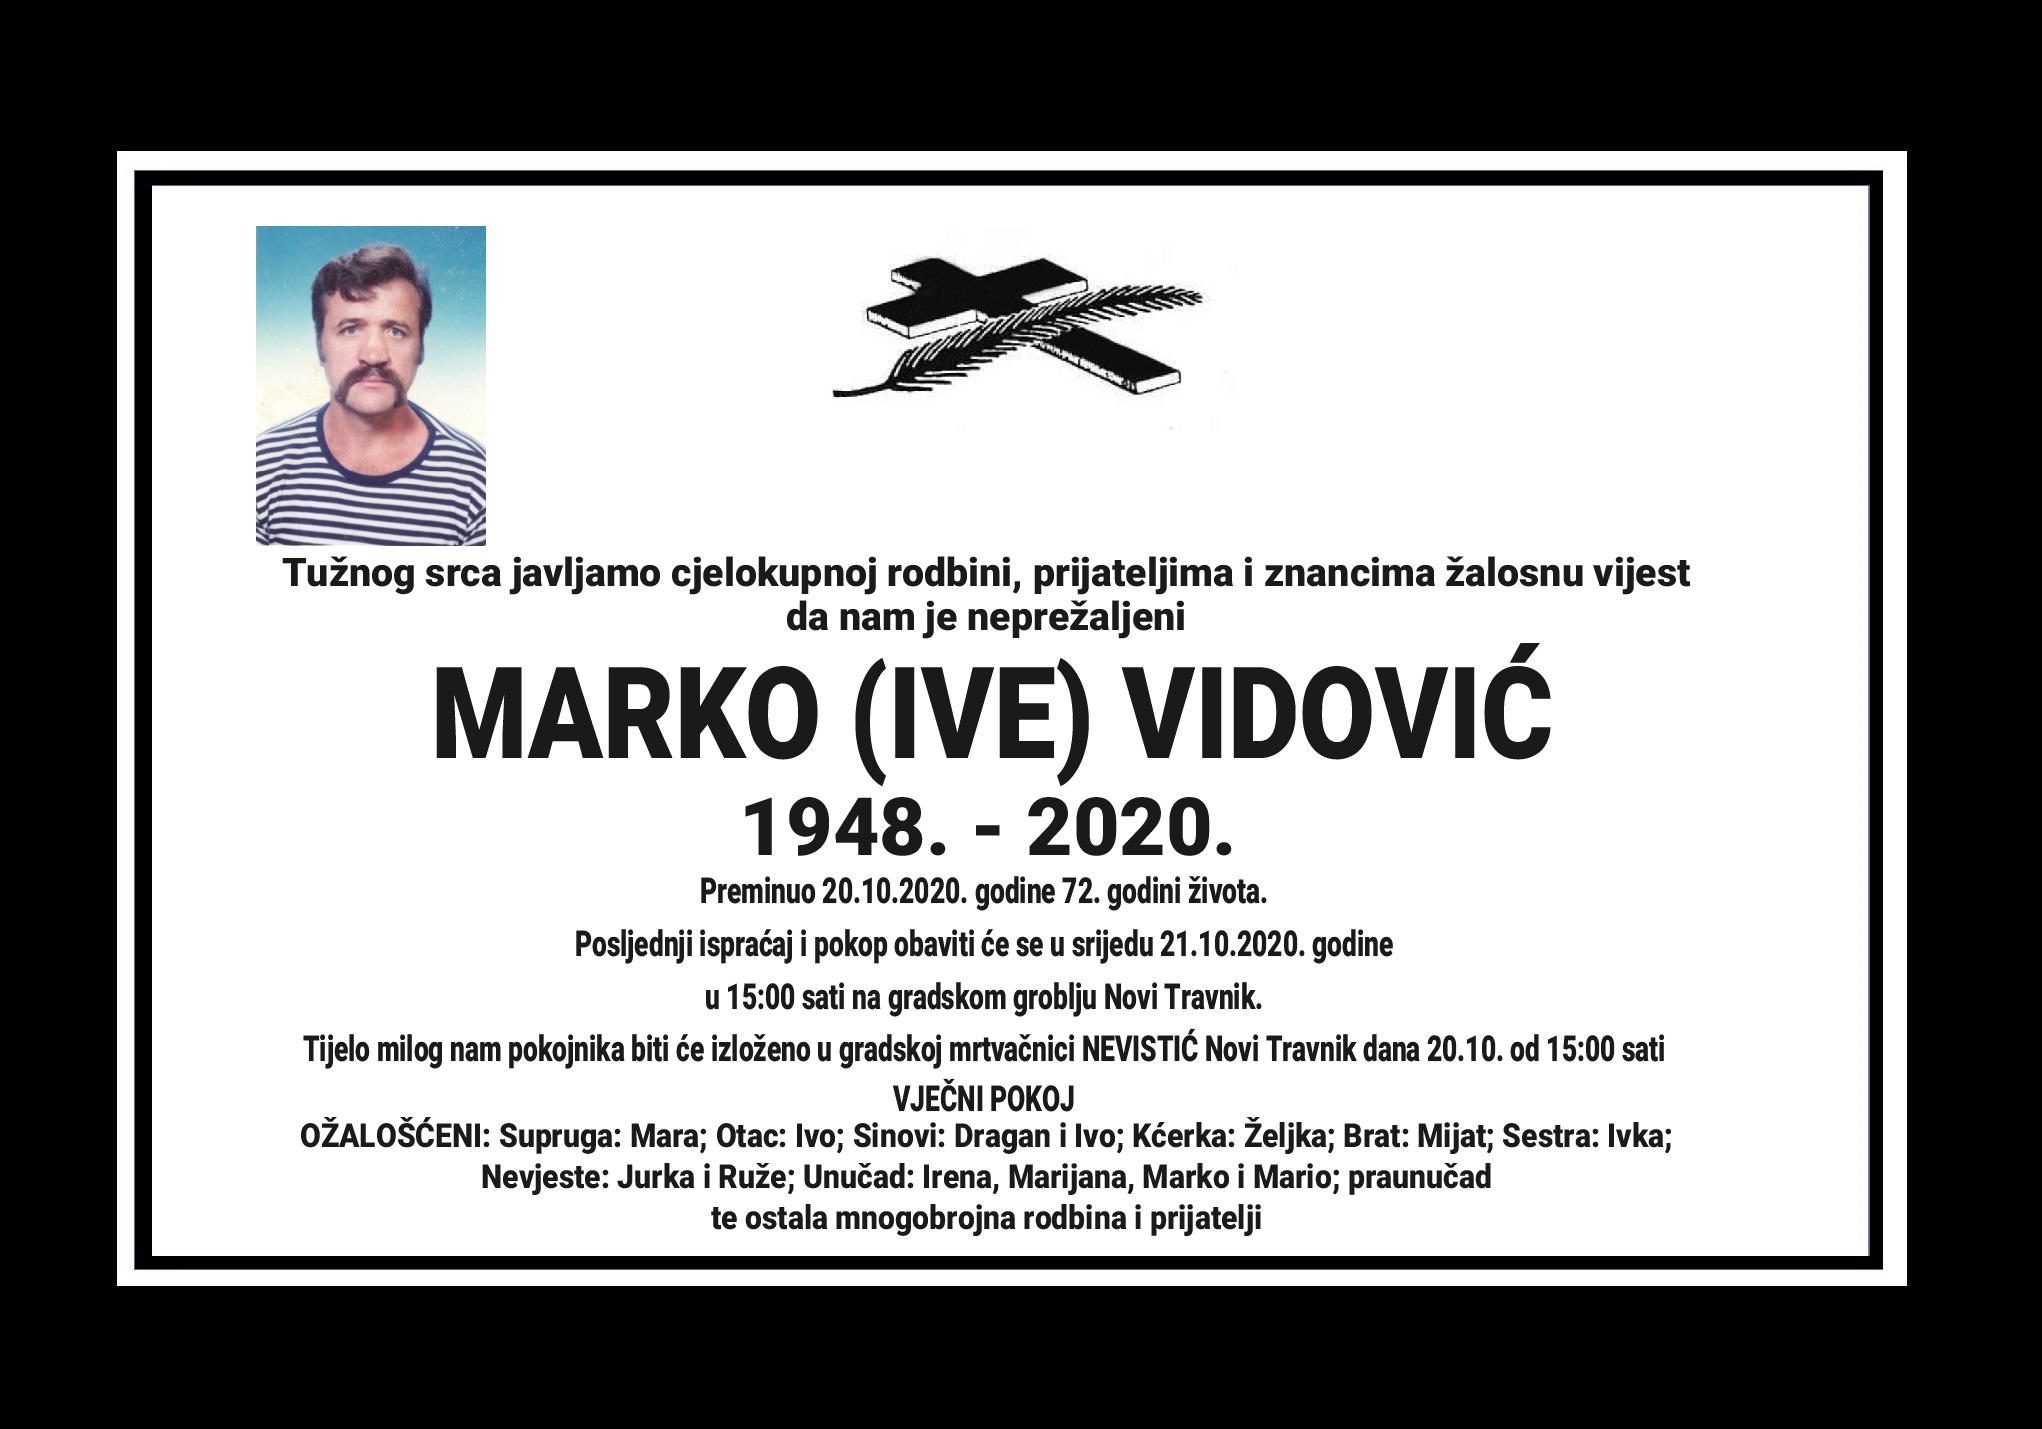 Marko (Ive) Vidović